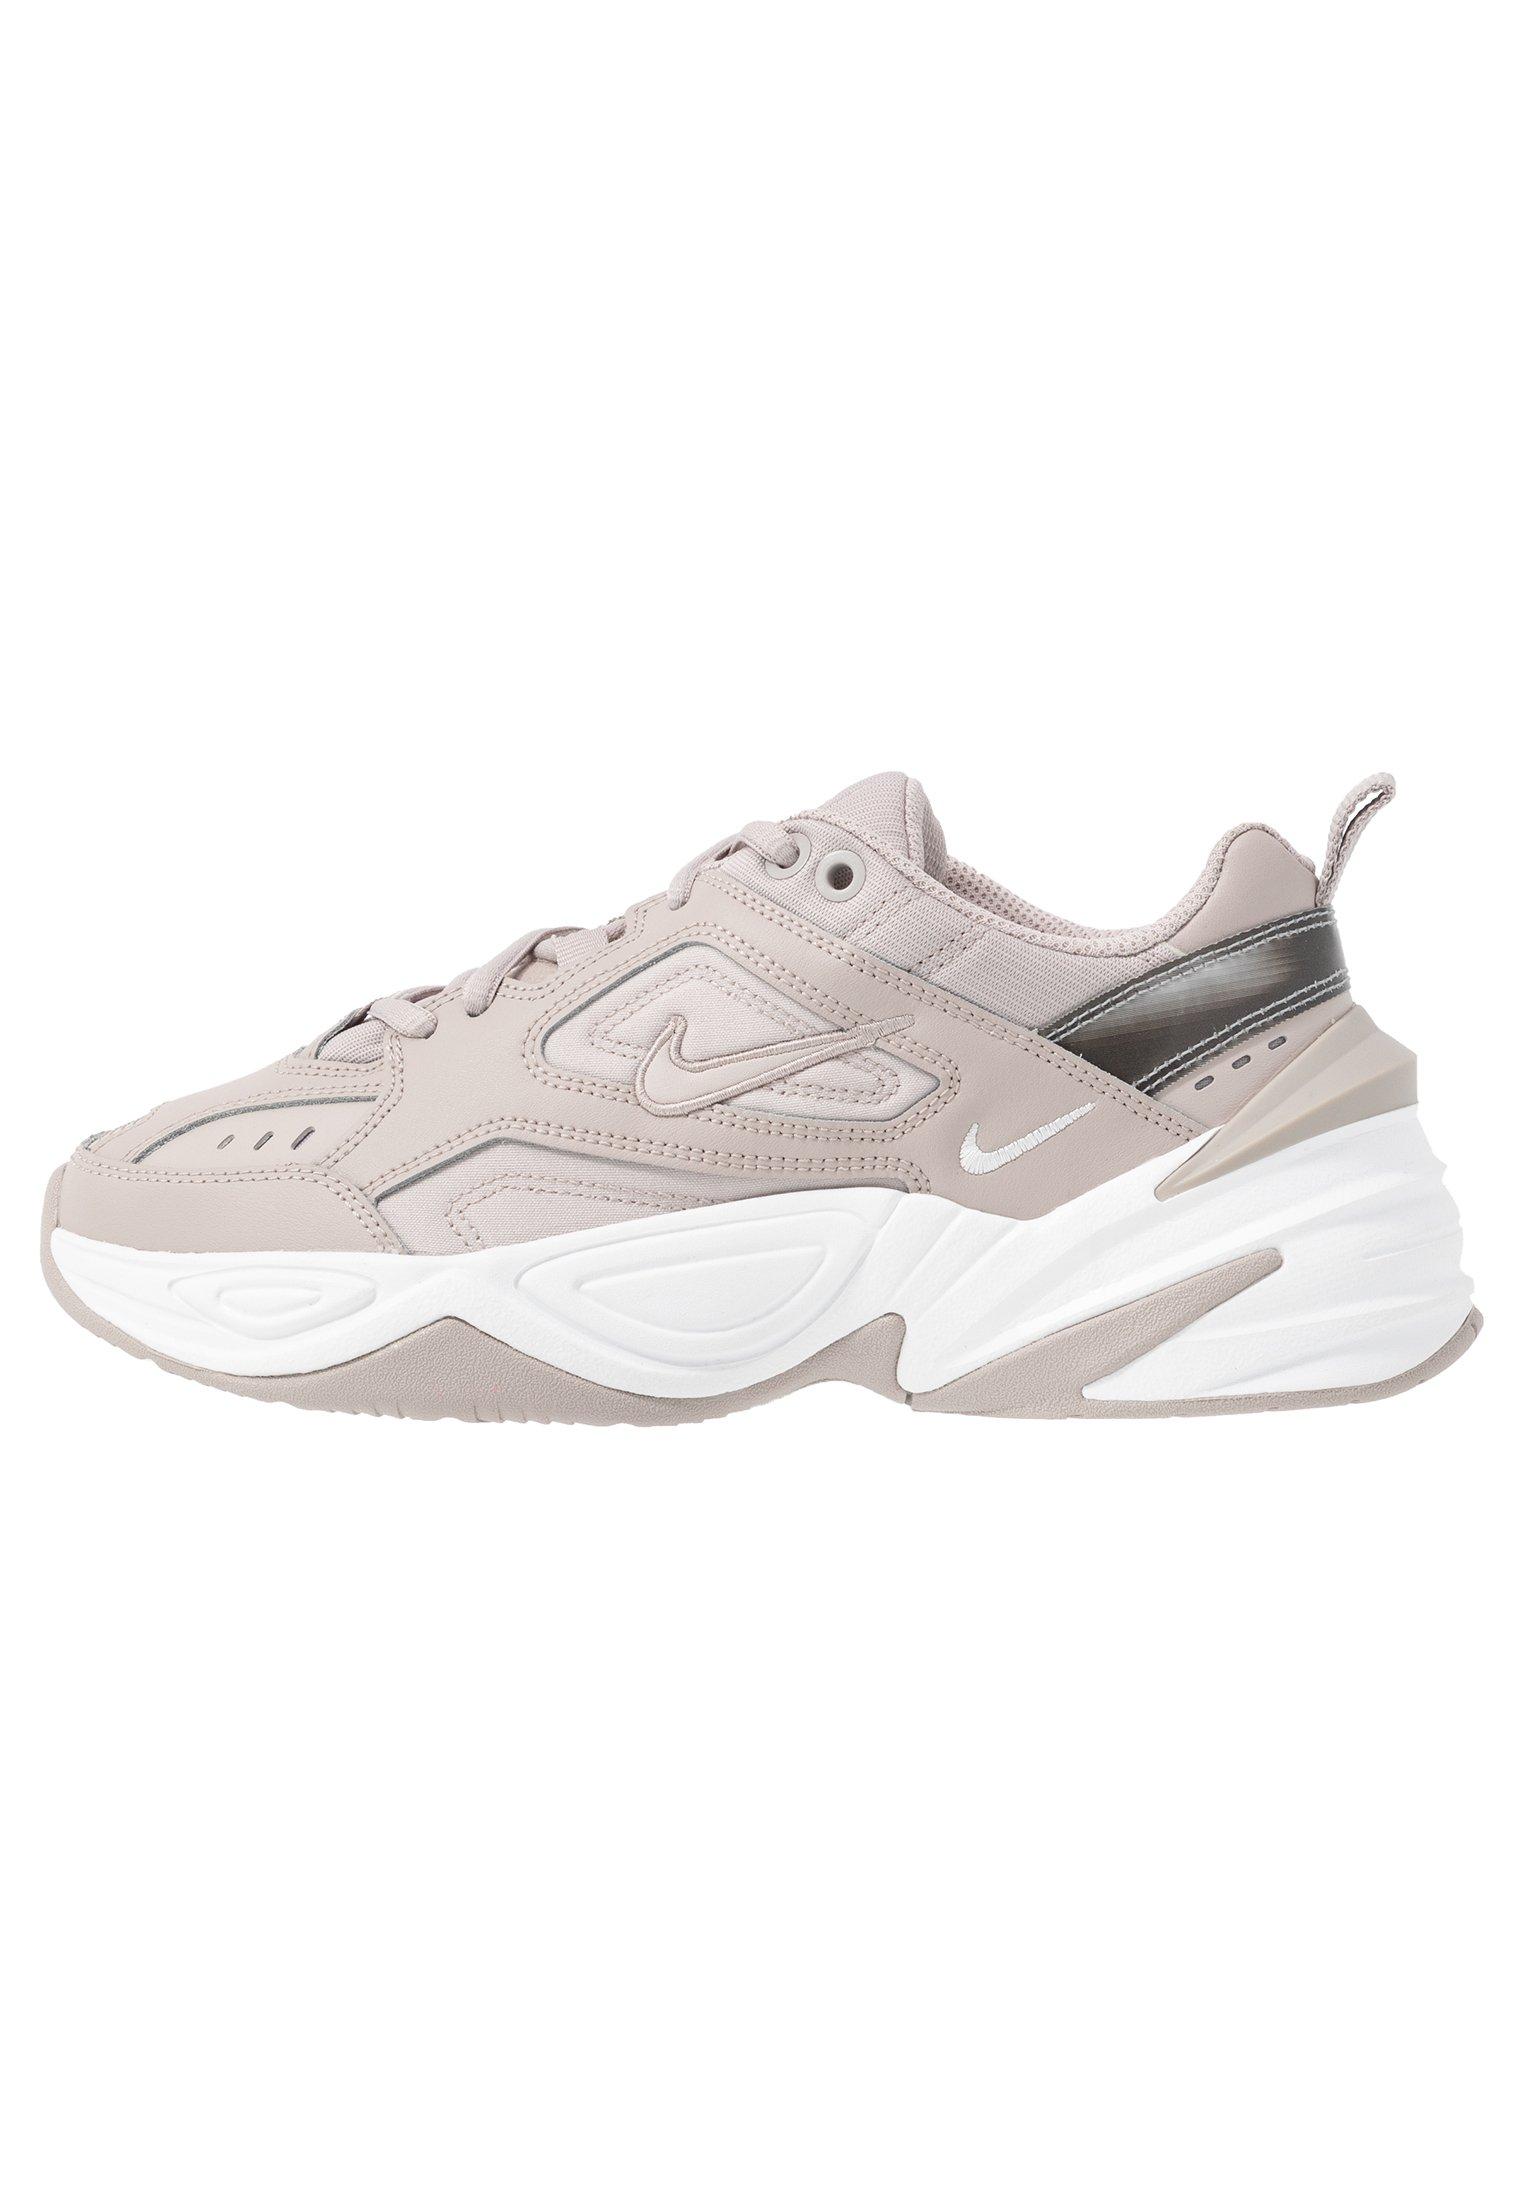 Nike Sportswear M2K TEKNO Sneakers moon particlesummit